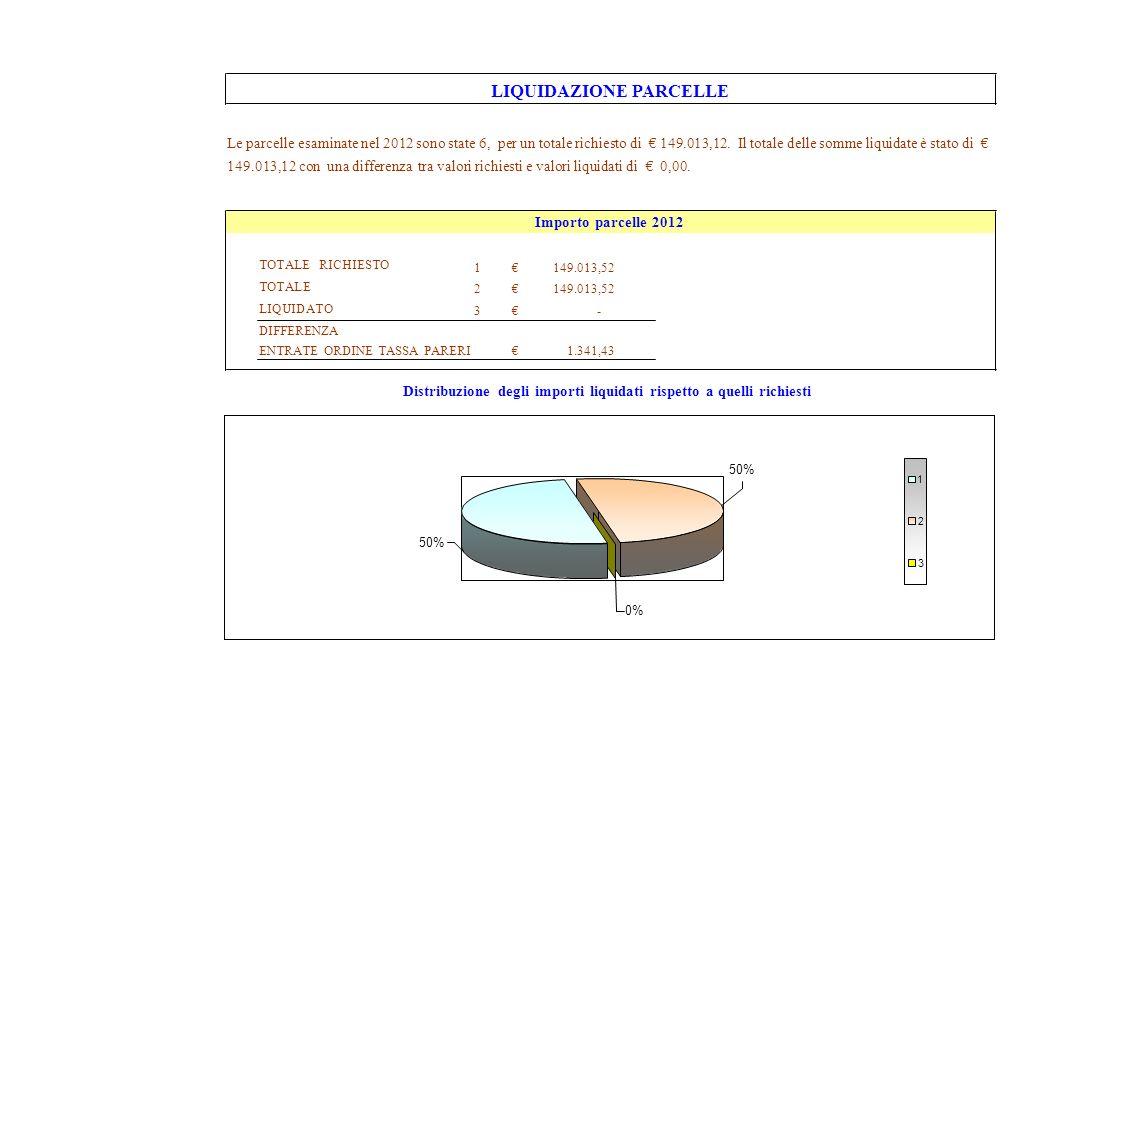 TOTALE RICHIESTO TOTALE LIQUIDATO DIFFERENZA 123123 149.013,52 - ENTRATE ORDINE TASSA PARERI1.341,43 LIQUIDAZIONE PARCELLE Le parcelle esaminate nel 2